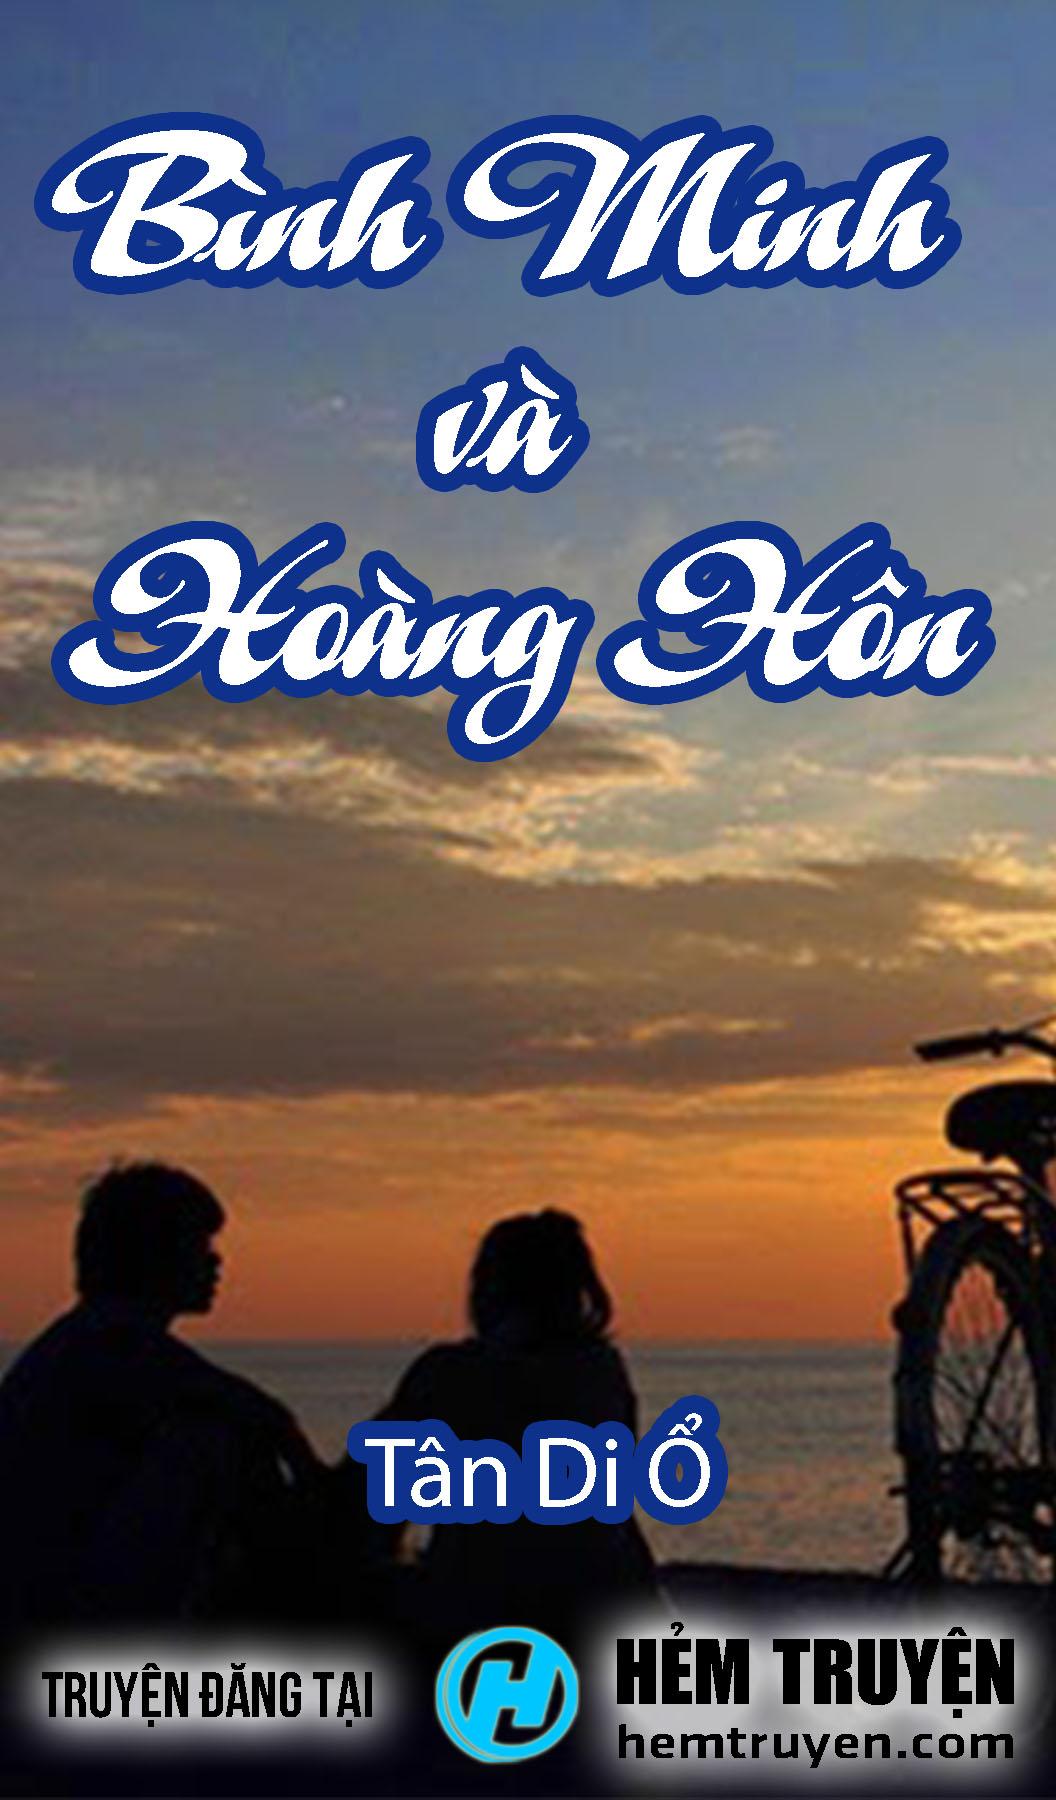 Đọc truyện Bình Minh Và Hoàng Hôn của Tân Di Ổ trên HEMTRUYEN.COM